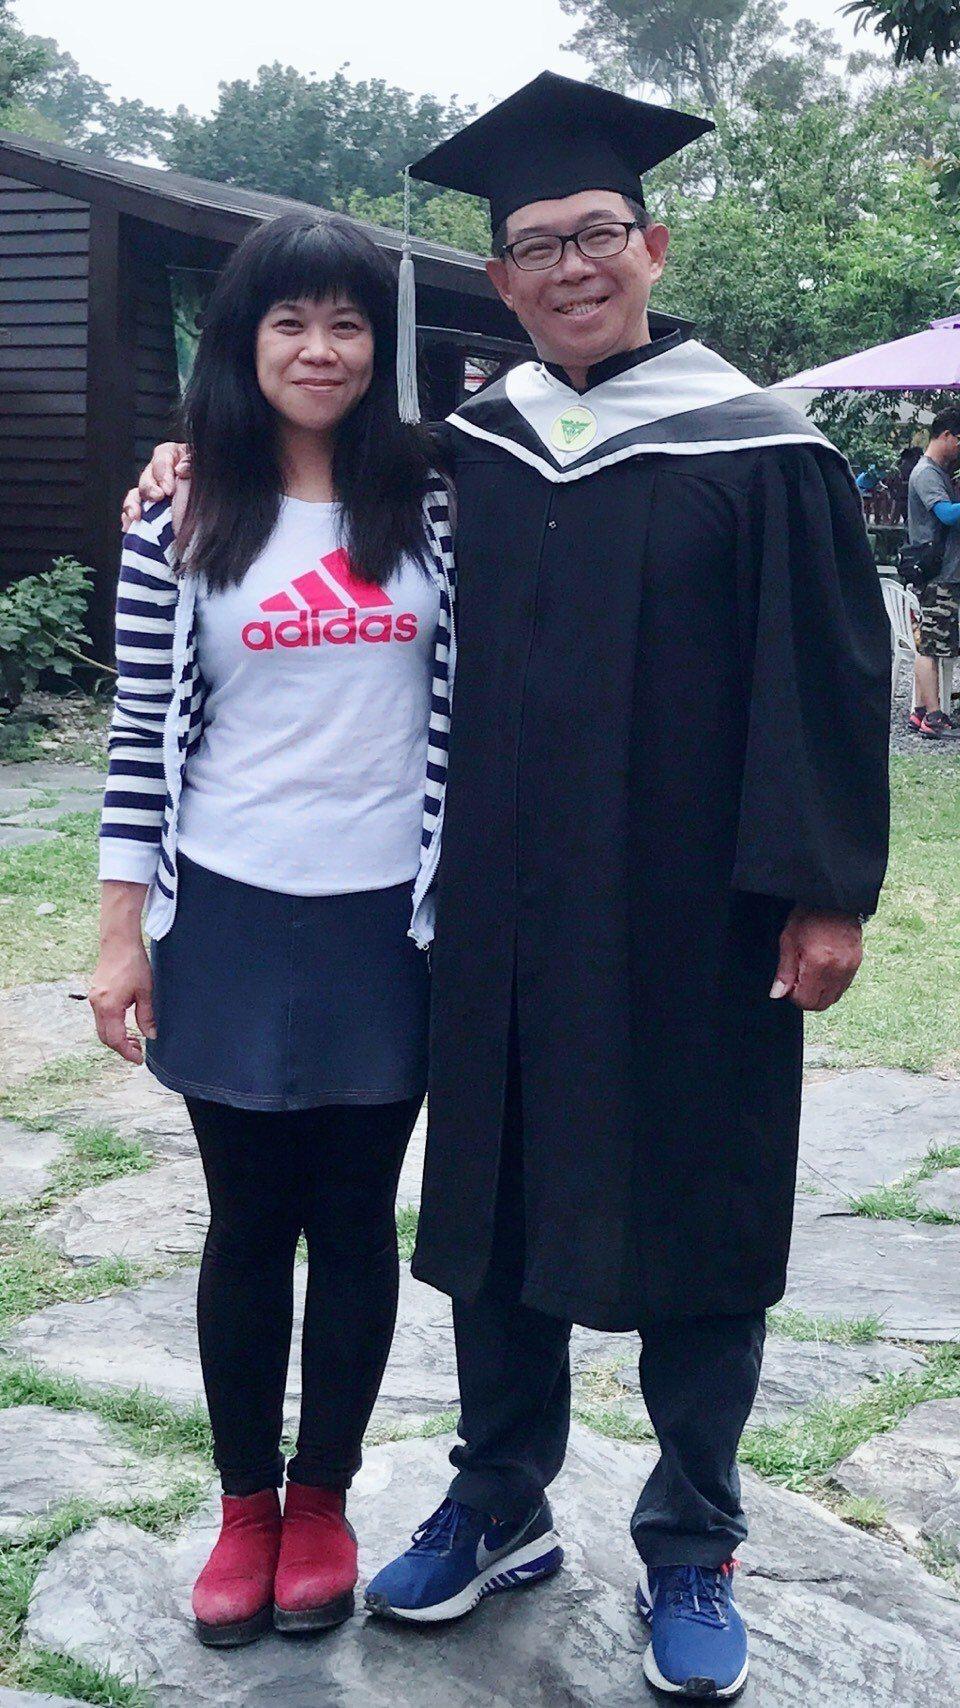 余泰運(右)這兩年也攻讀碩士,一路走來感謝妻子楊淑理(左)無怨無悔的陪伴與支持。...